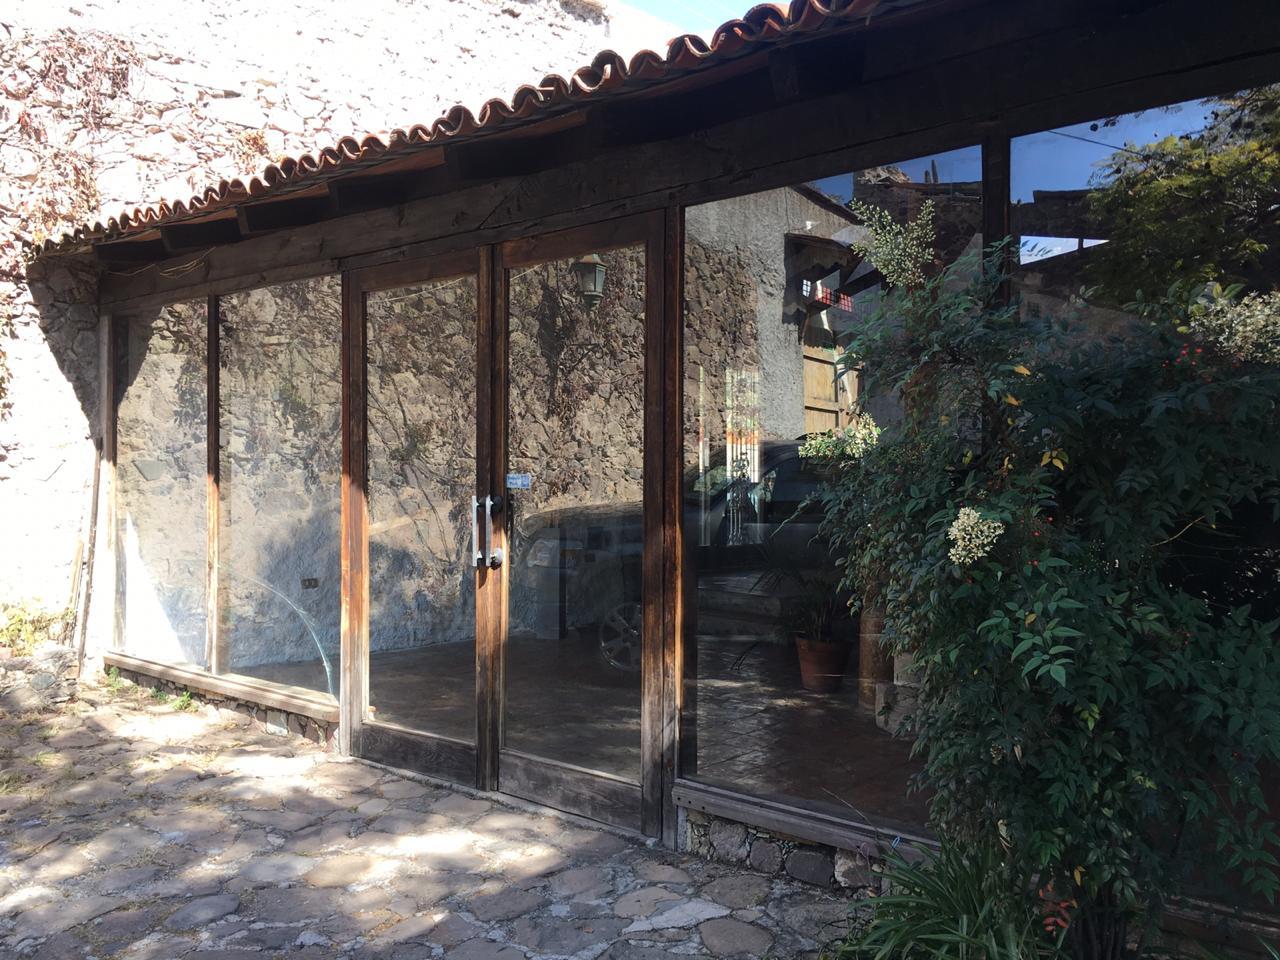 Local San Matias